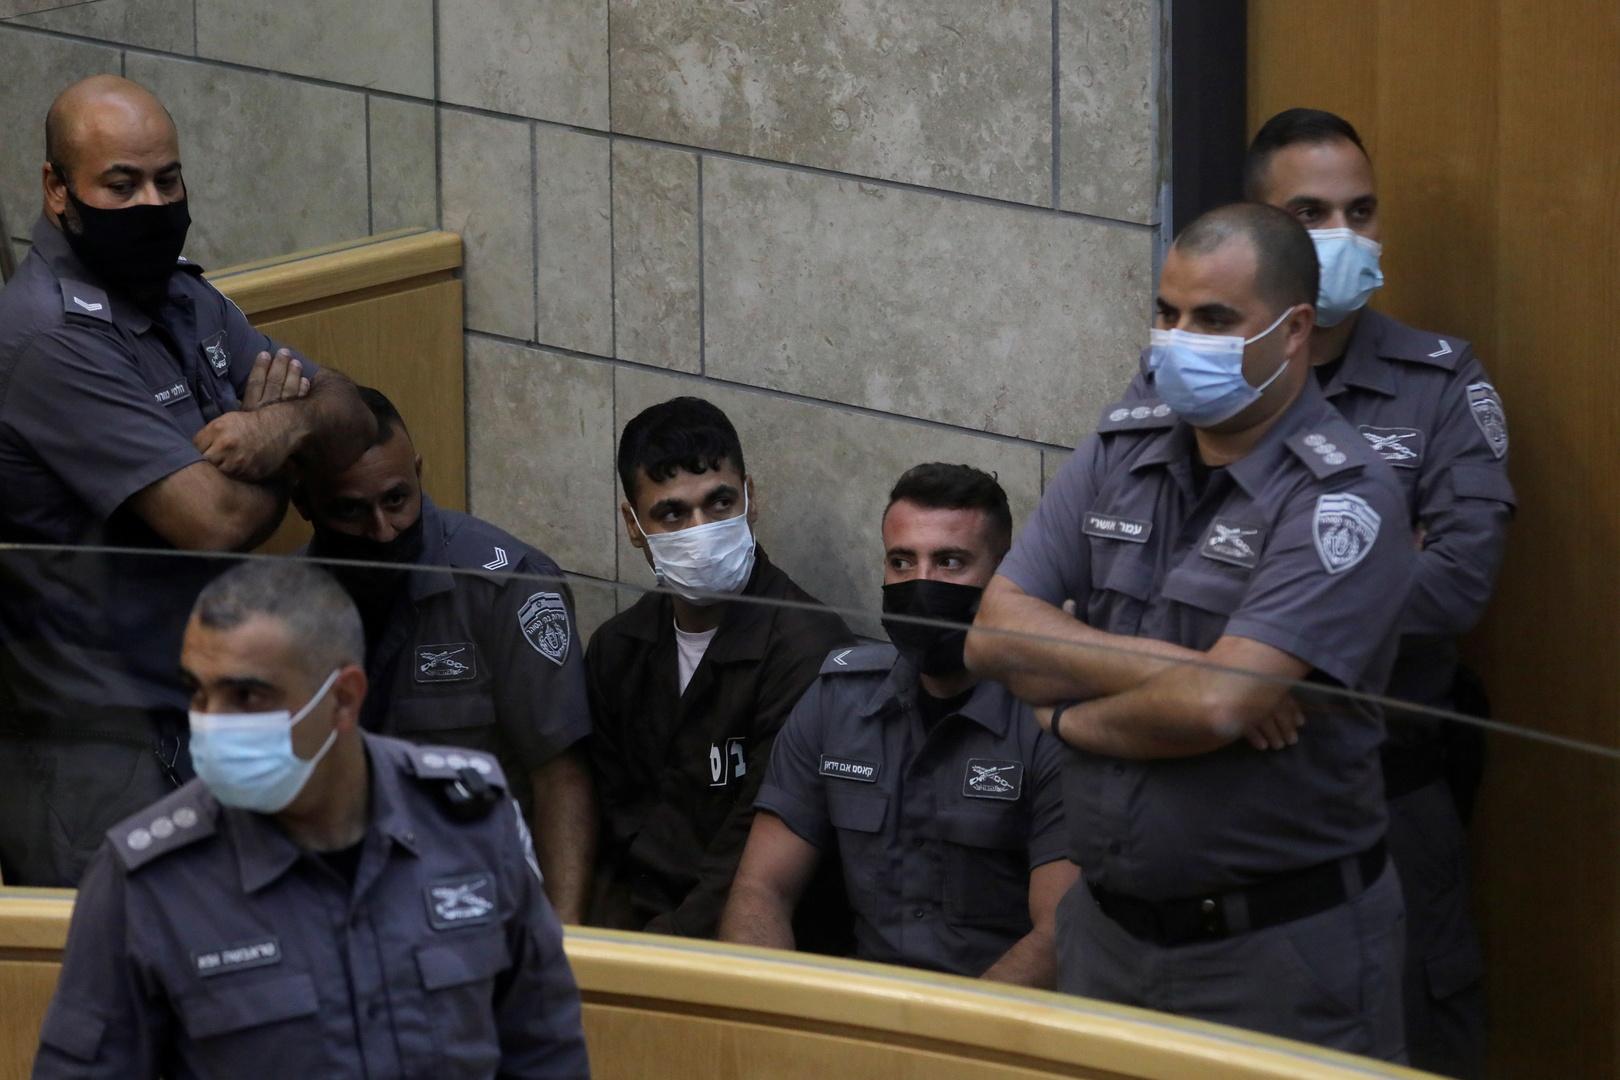 لا منفذ إلا لعدسة الكاميرا.. الشرطة تحاصر الأسرى الفلسطينيين الأربعة داخل المحكمة